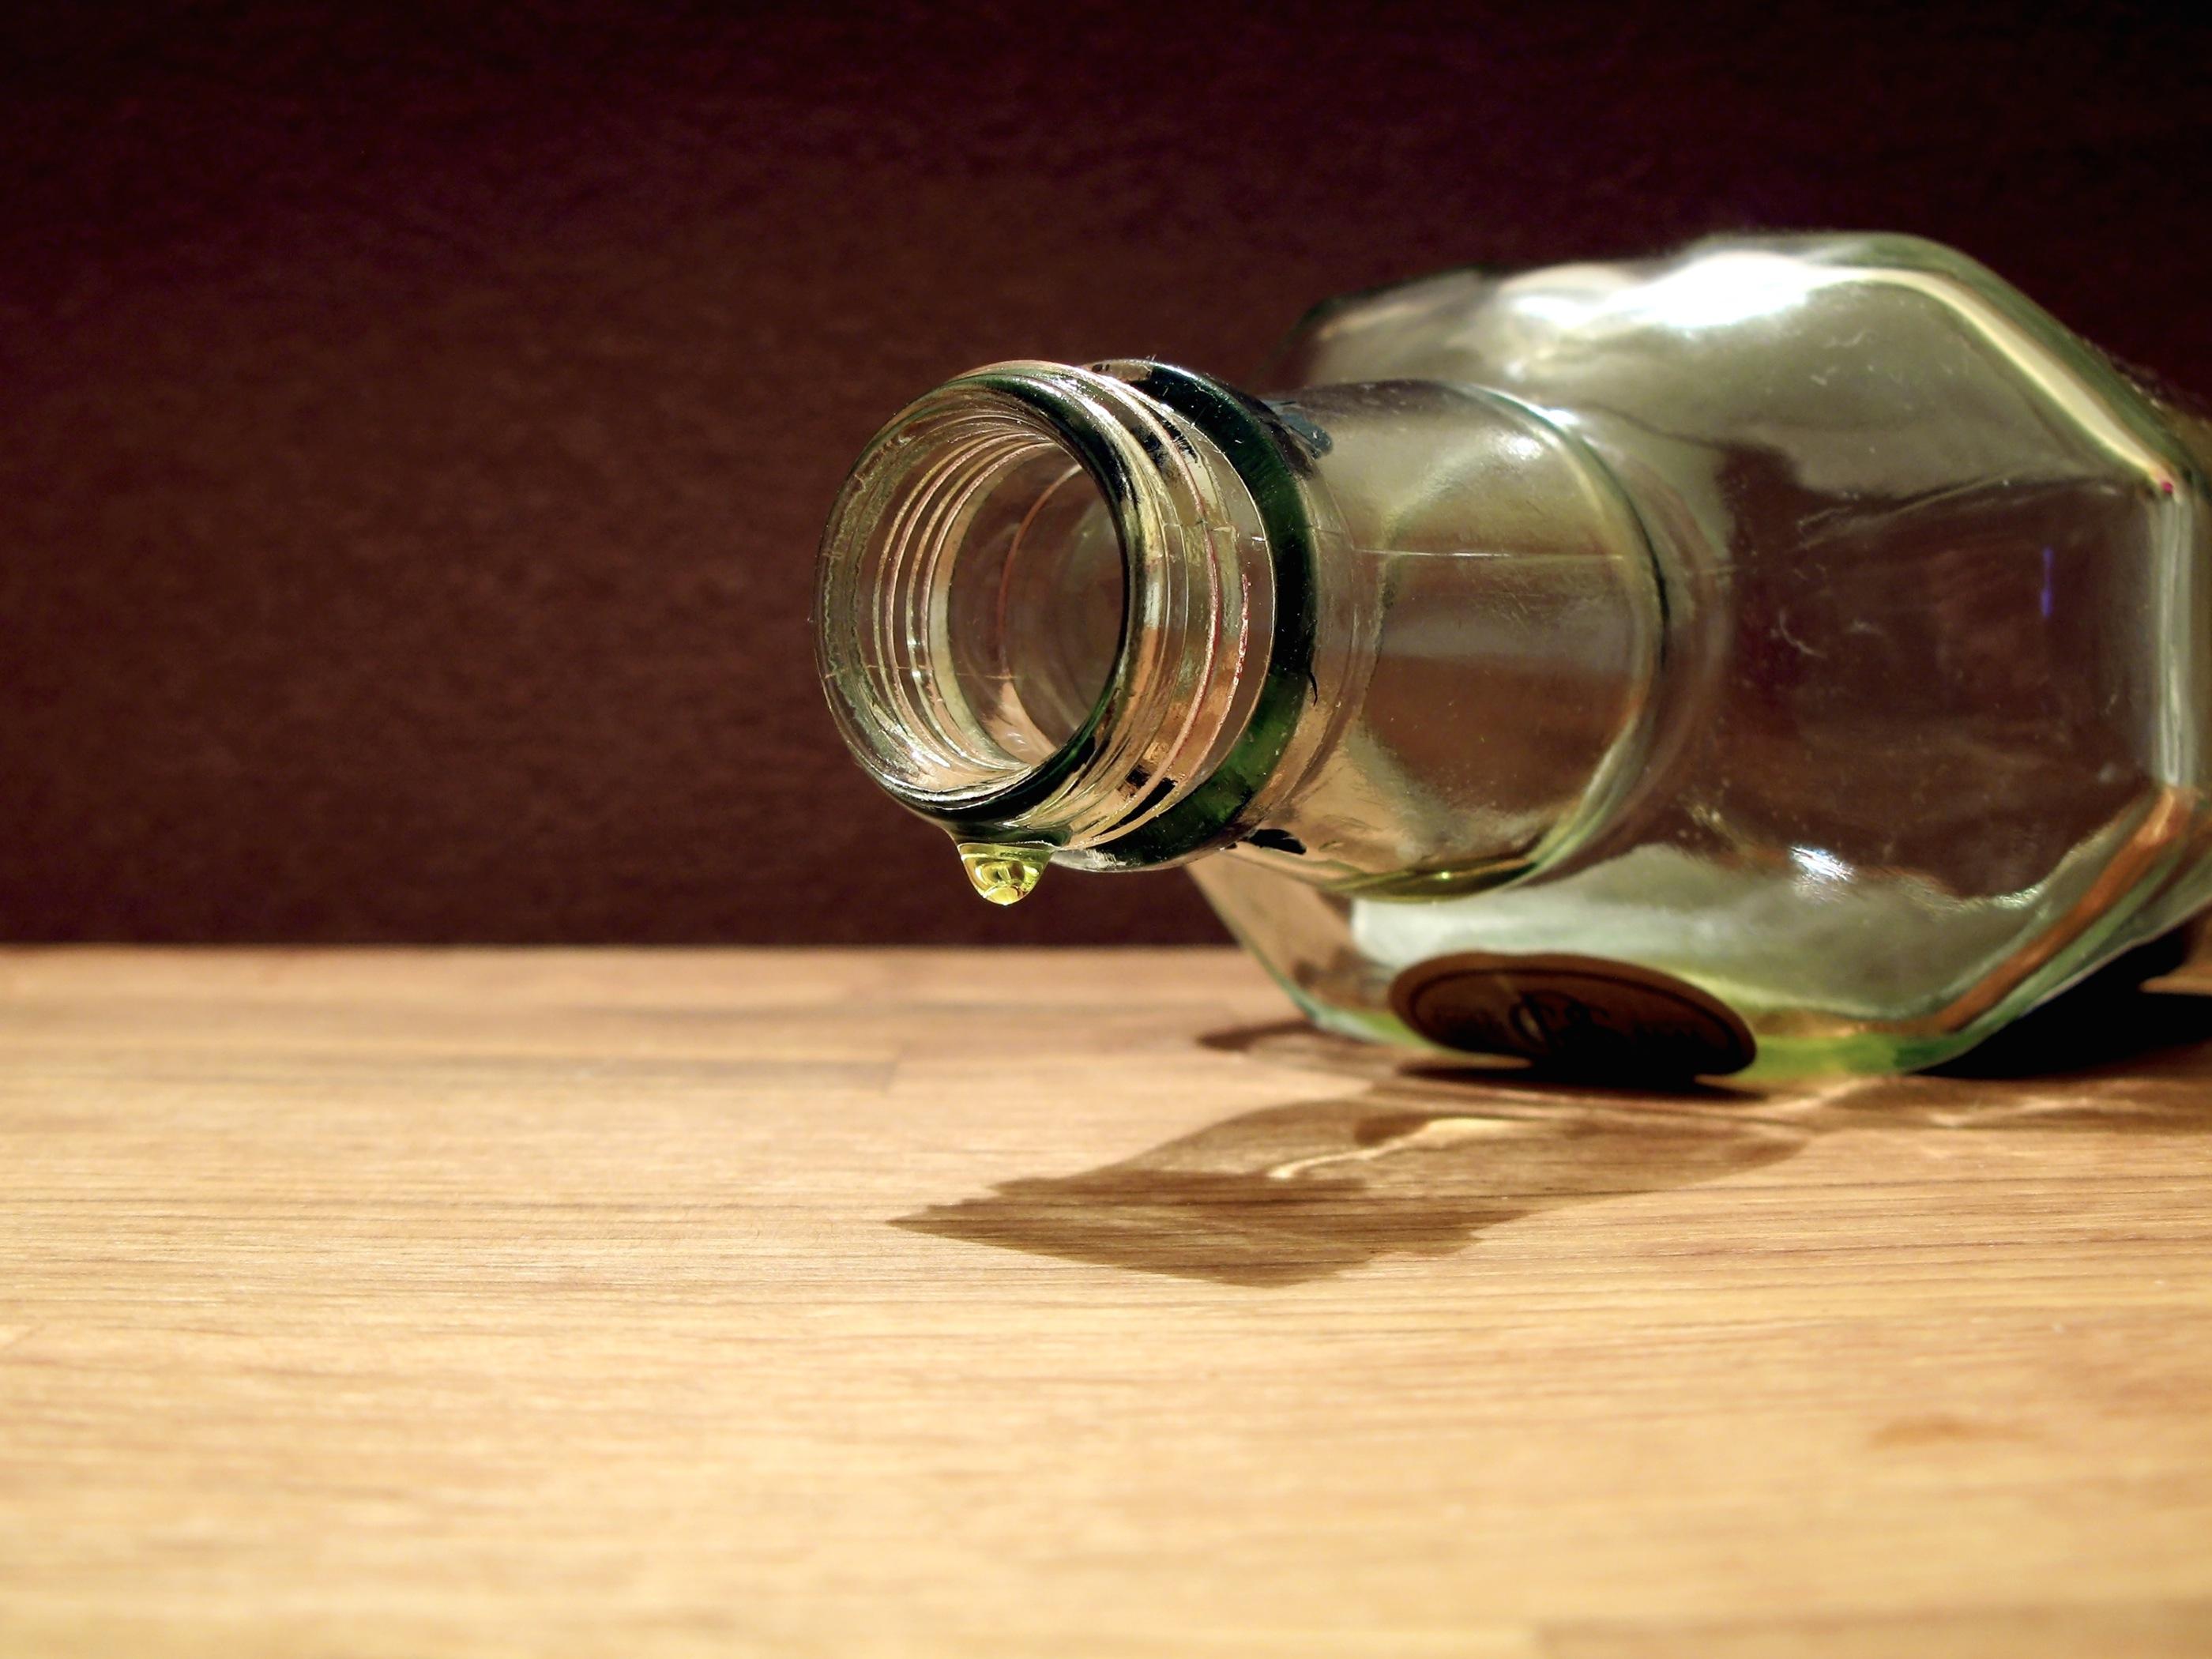 Севастополец ответит за продажу и производство опасного алкоголя